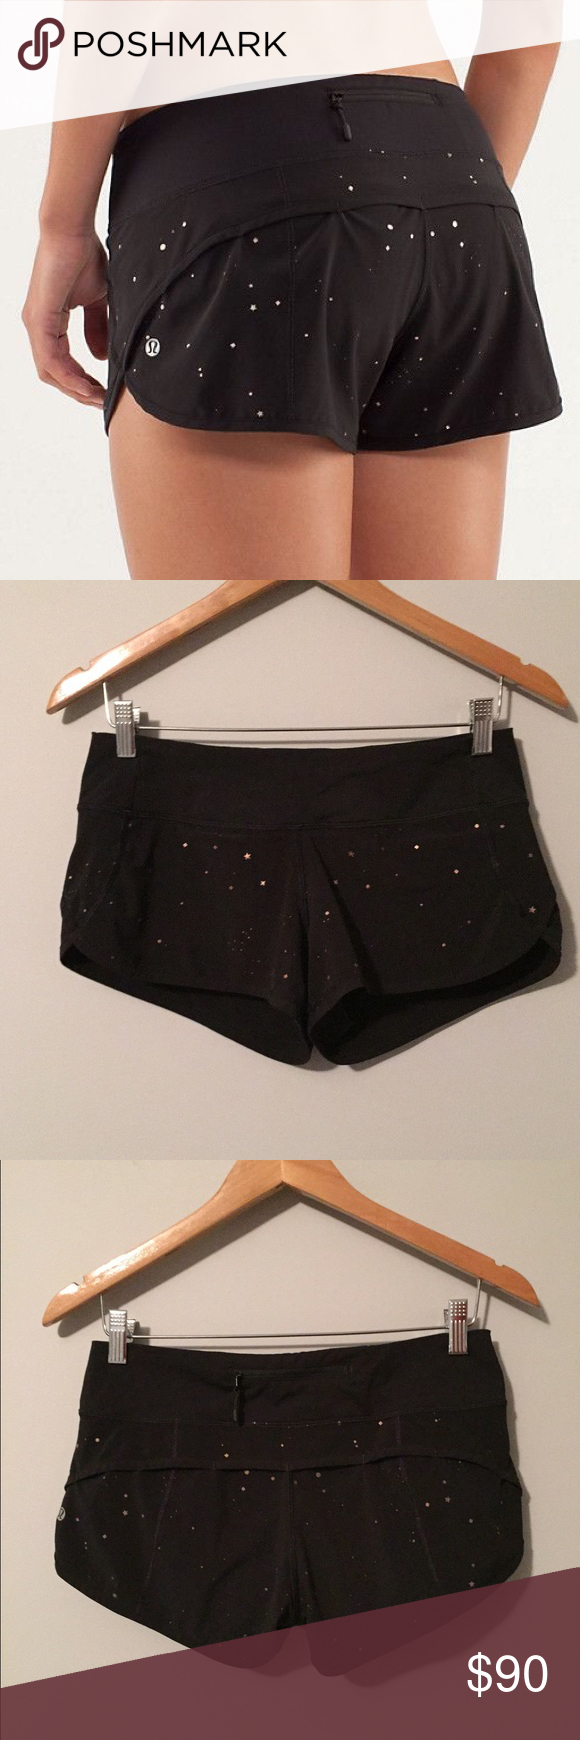 Selling this Lululemon twinkle speed shorts on Poshmark! My username is: lnation818. #shopmycloset #poshmark #fashion #shopping #style #forsale #lululemon athletica #Pants